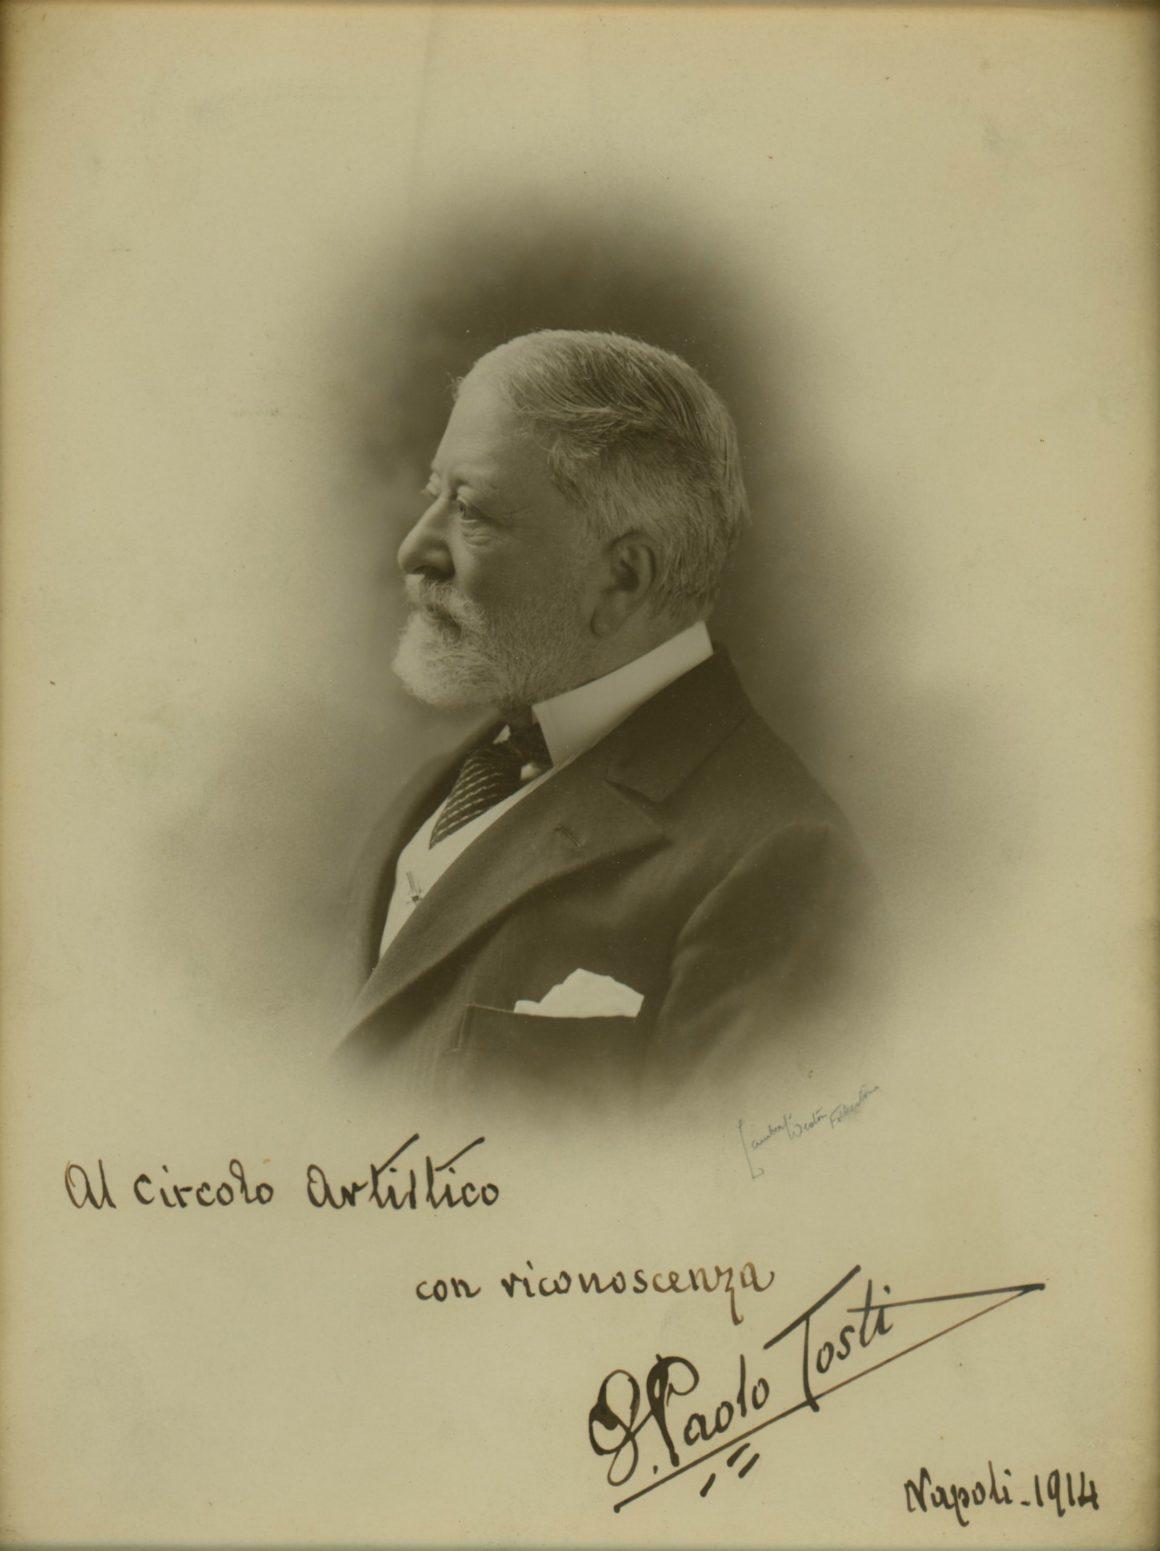 Francesco Paolo Tosti, Compositore napoletano